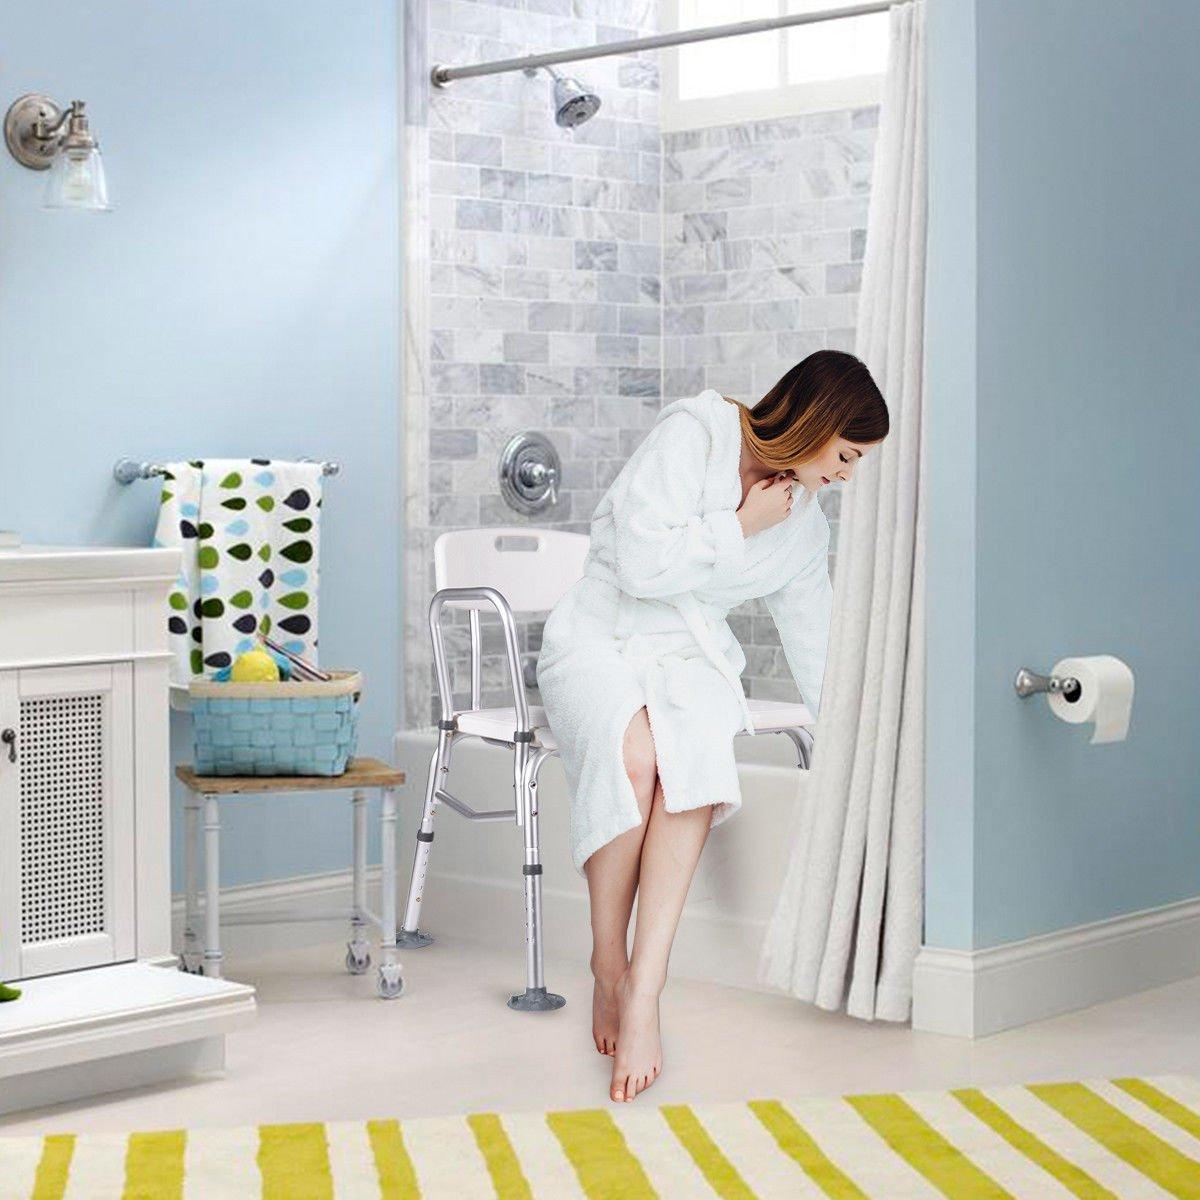 Giantex Shower Bath Seat Medical Adjustable Bathroom Bath Tub ...